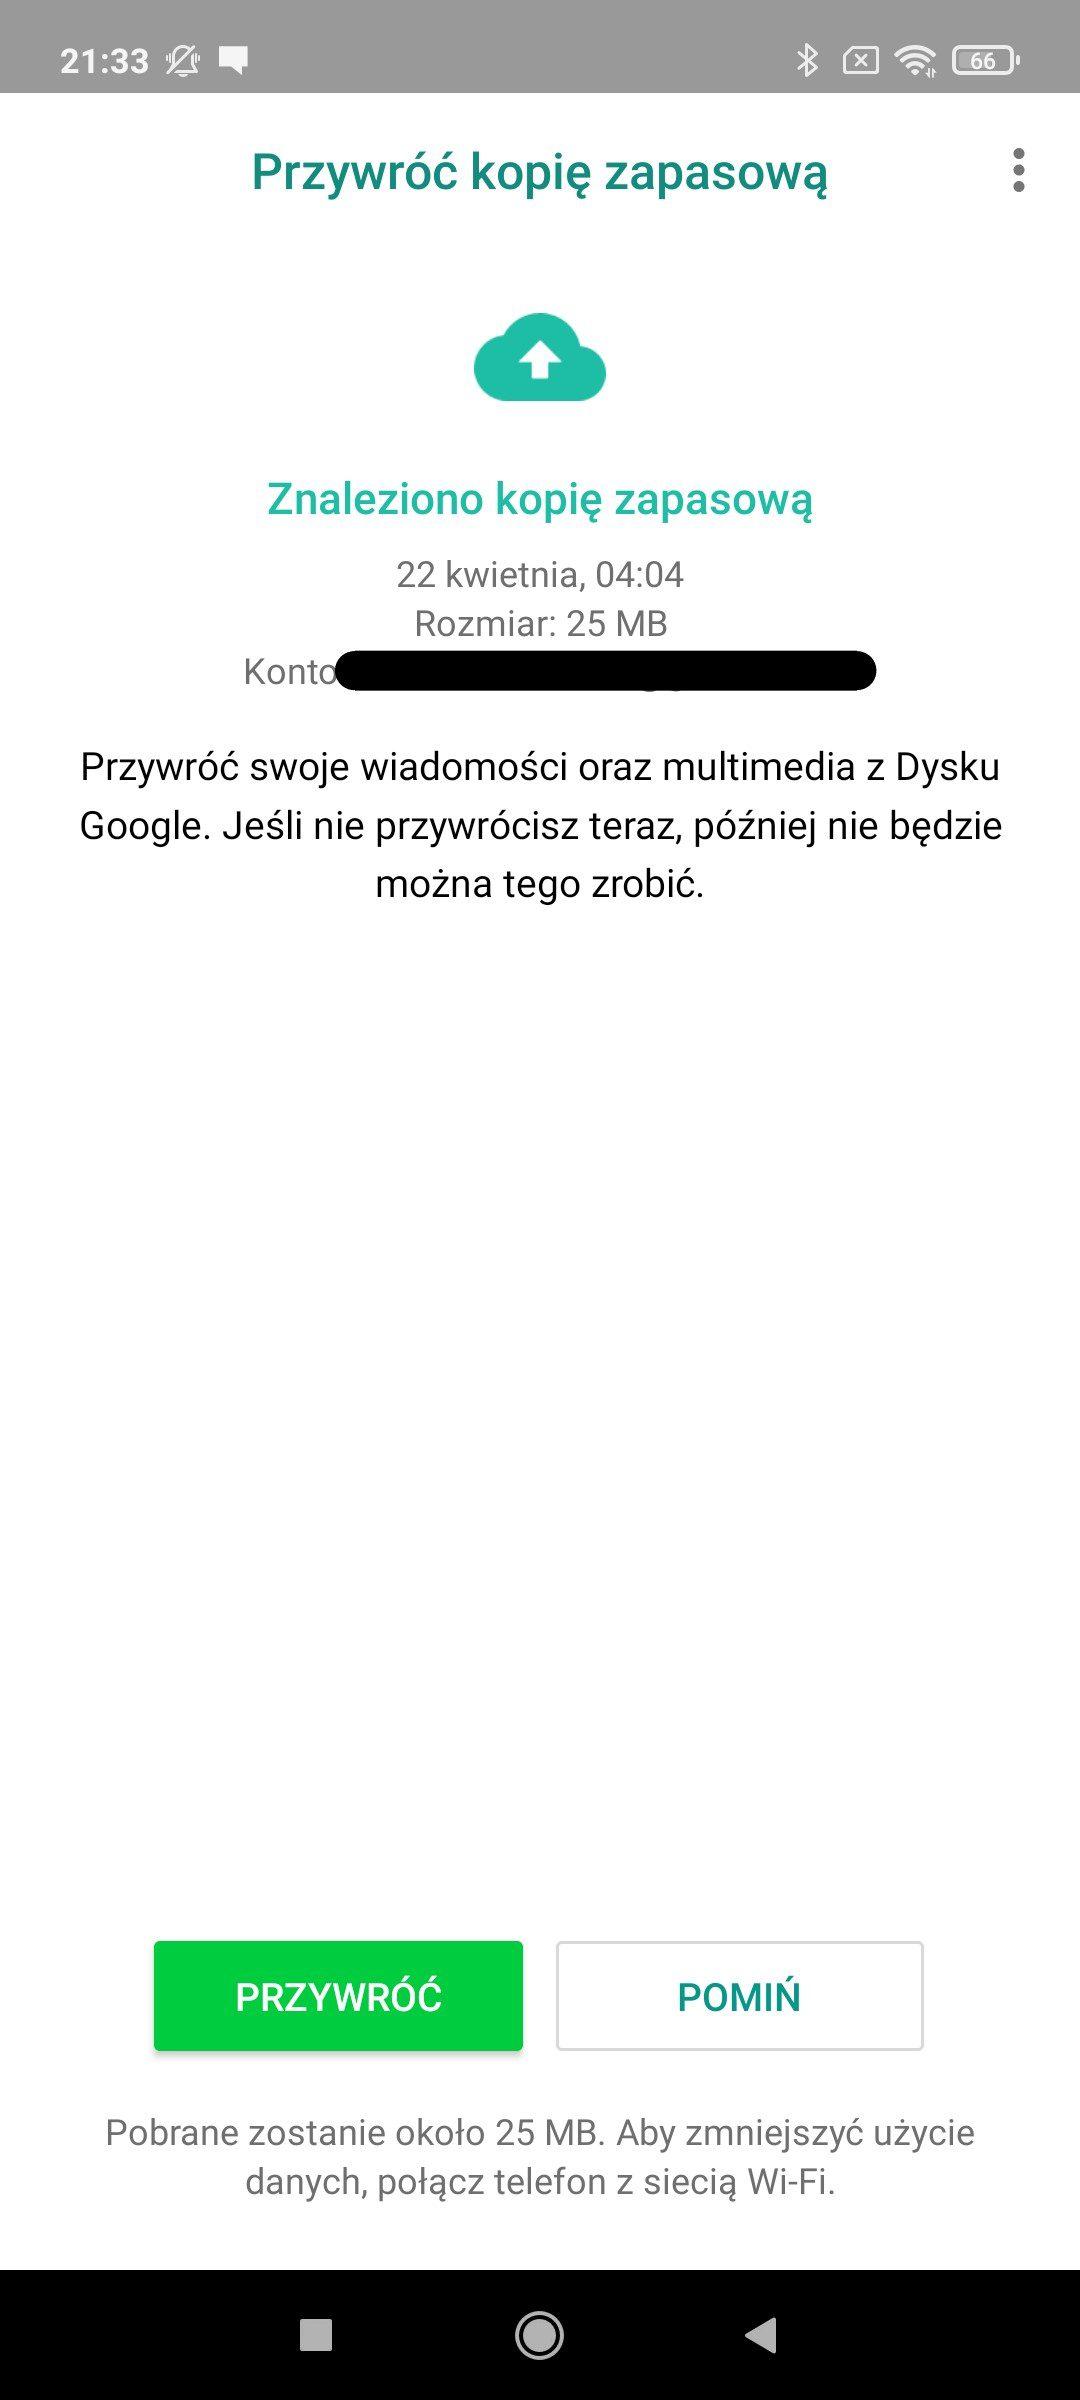 przywrócenie kopii zapasowej w whatsapp